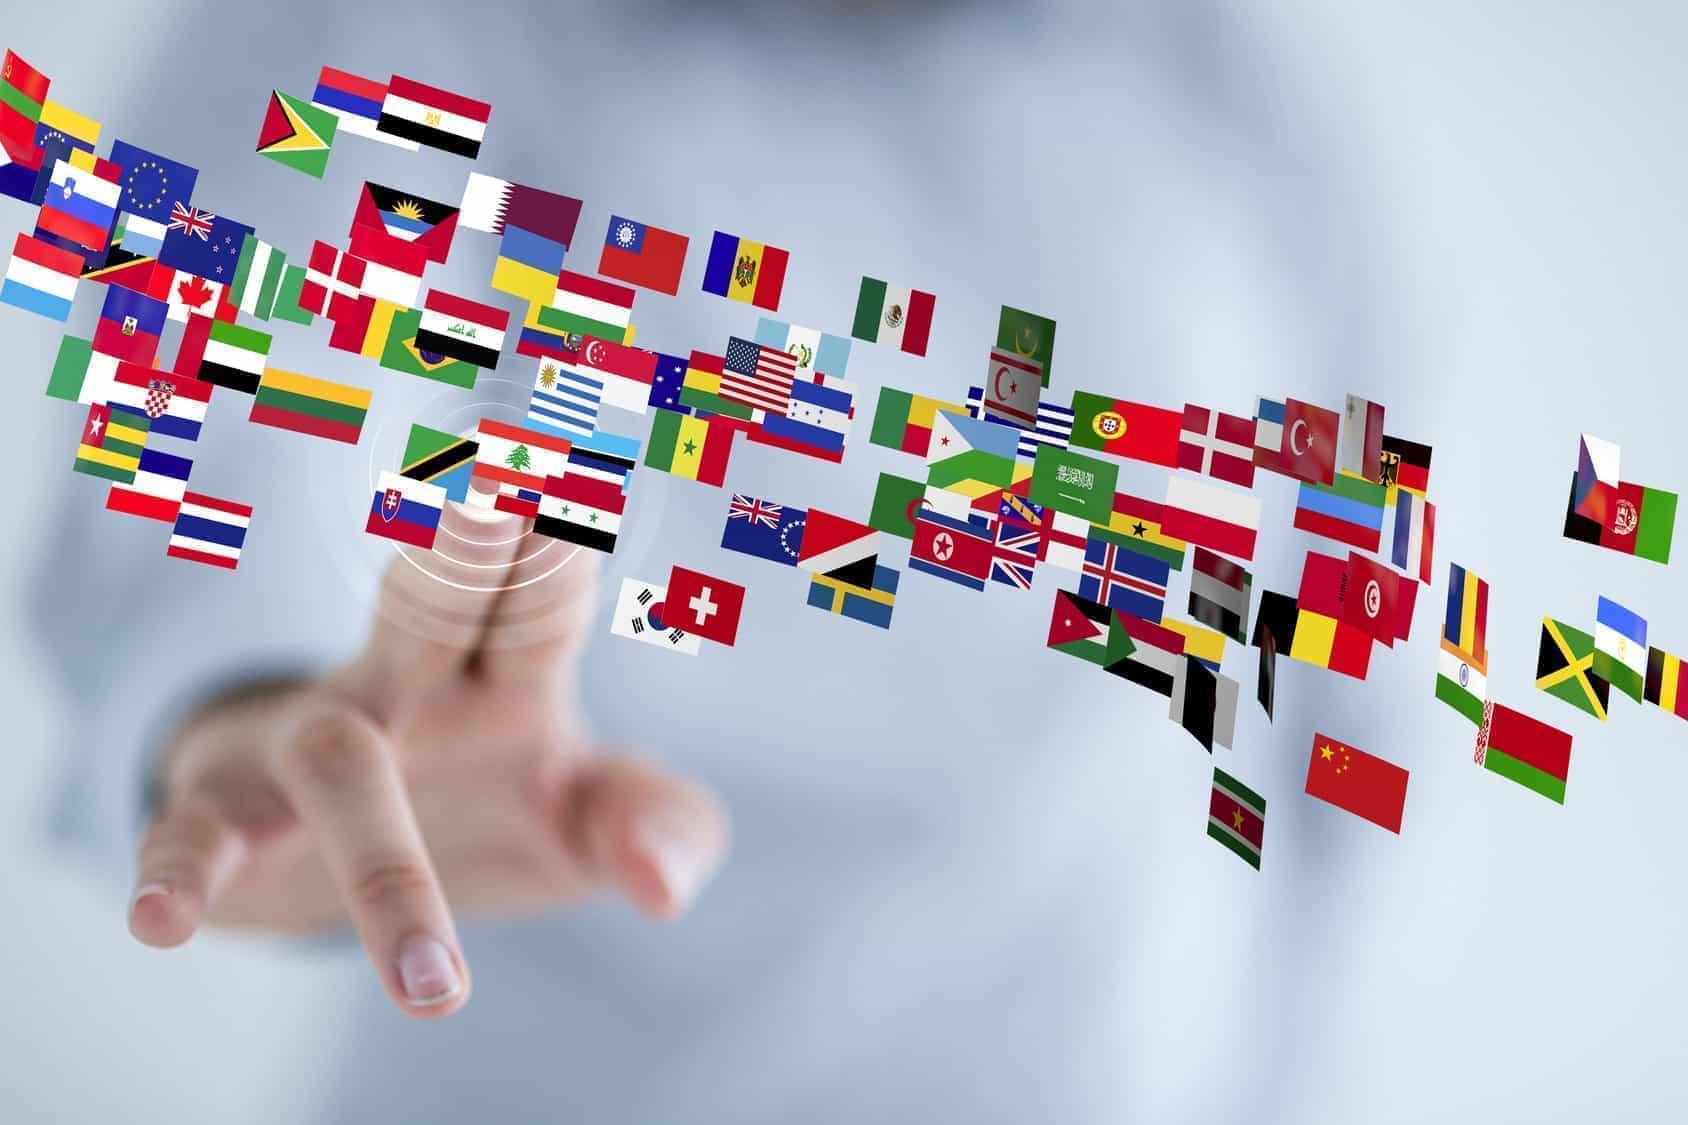 Yeni bir dil öğrenme yaşı kaç olmalı? Kolay dil öğrenme yöntemleri